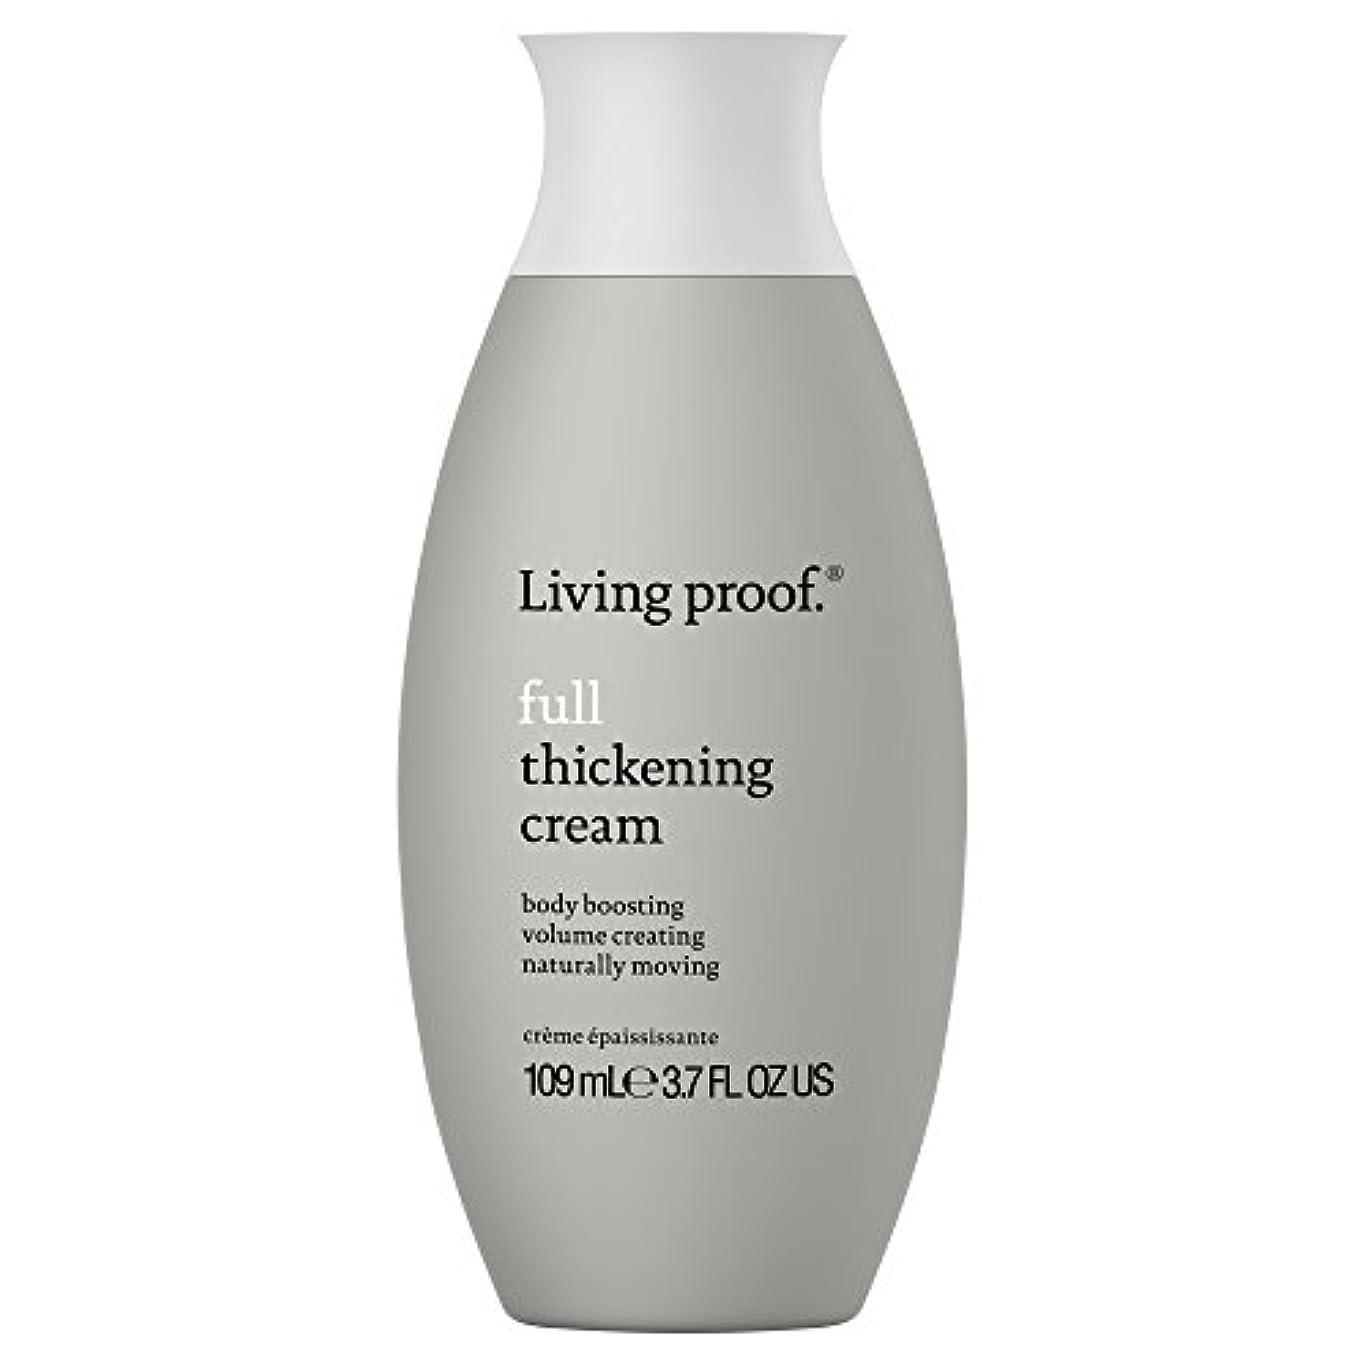 近所の外向き今日生きている証拠フル肥厚クリーム109ミリリットル (Living Proof) - Living Proof Full Thickening Cream 109ml [並行輸入品]